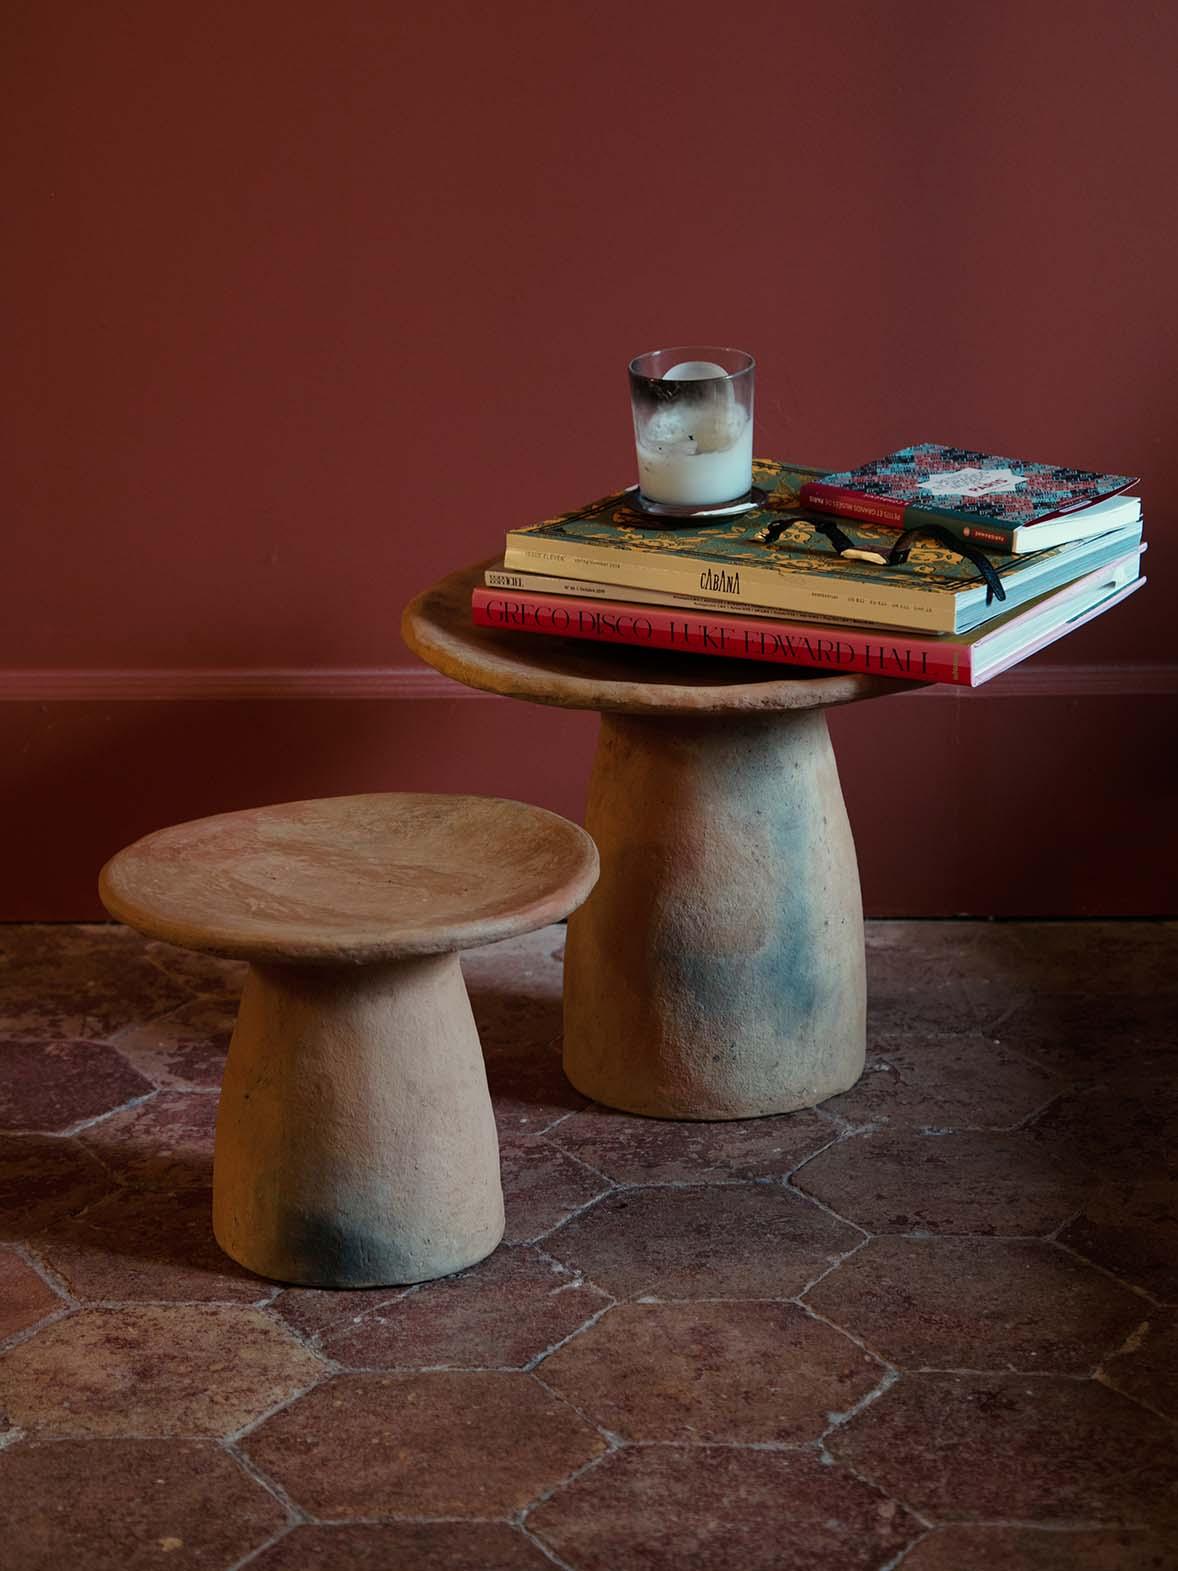 jbel zucar side tables